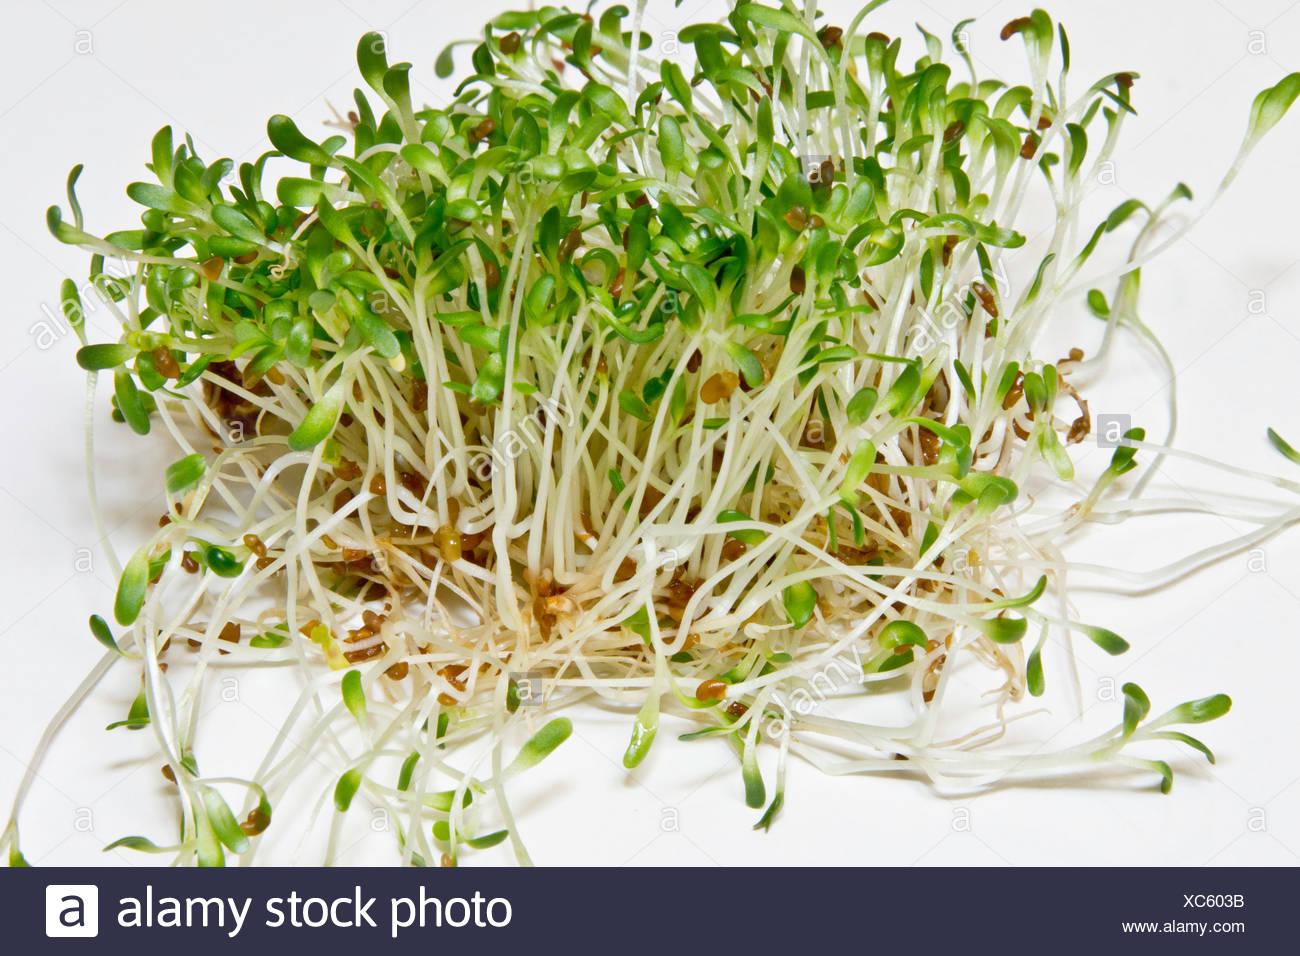 alfalfa lucerne medicago sativa medicago stockfotos alfalfa lucerne medicago sativa medicago. Black Bedroom Furniture Sets. Home Design Ideas